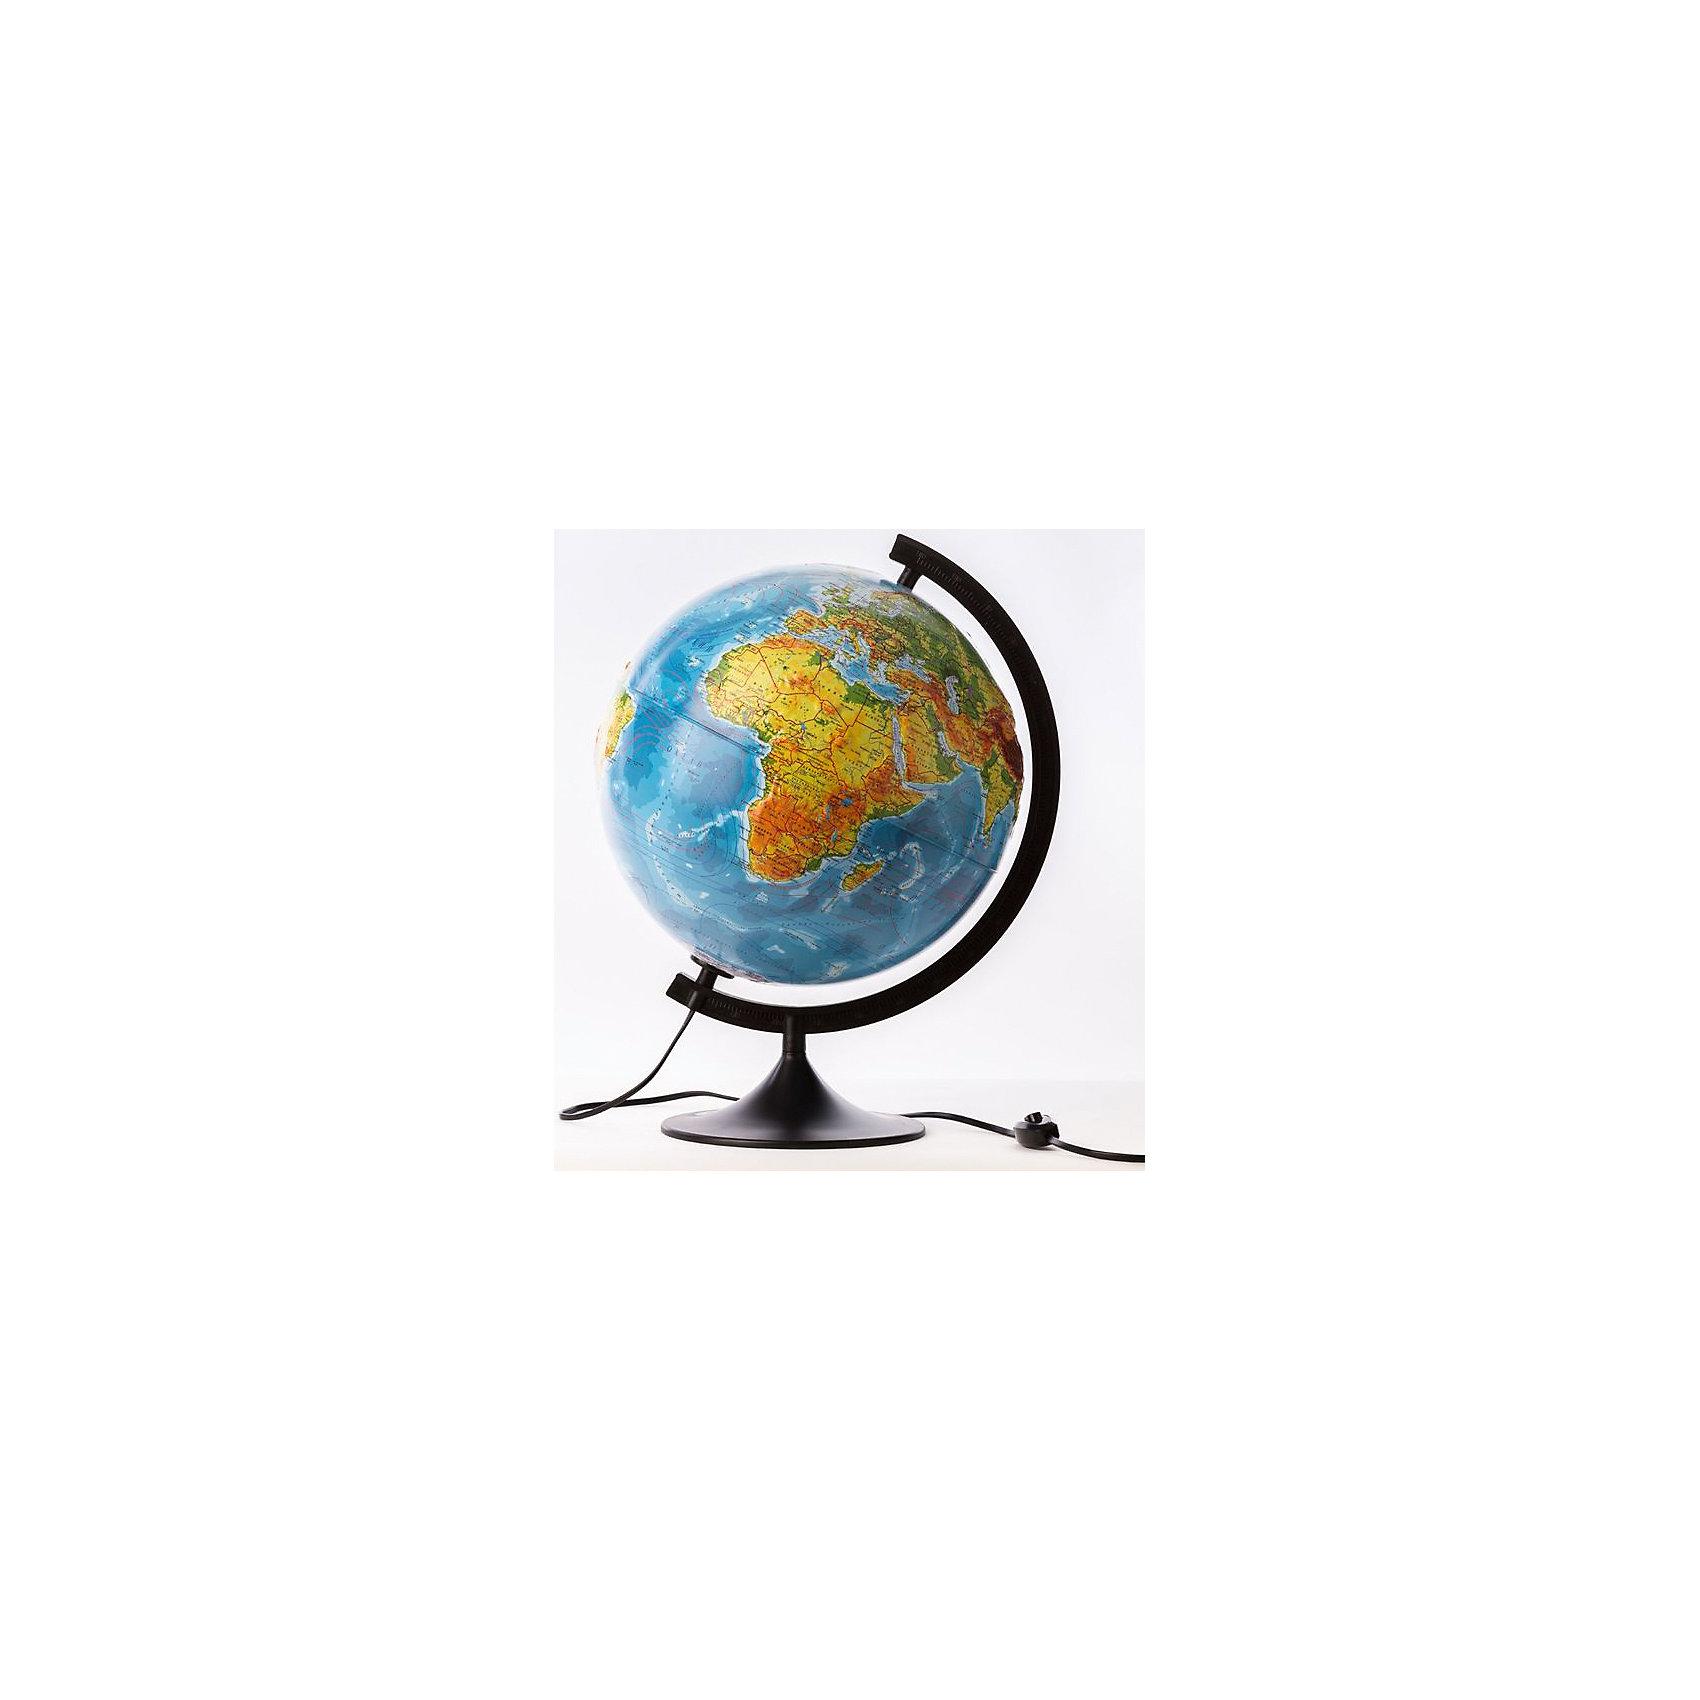 Глобус Земли физико-политический рельефный с подсветкой, диаметр 250 ммГлобус Земли д-р 250 физико-политический рельефный с подсветкой<br><br>Ширина мм: 270<br>Глубина мм: 250<br>Высота мм: 250<br>Вес г: 900<br>Возраст от месяцев: 72<br>Возраст до месяцев: 2147483647<br>Пол: Унисекс<br>Возраст: Детский<br>SKU: 5504469